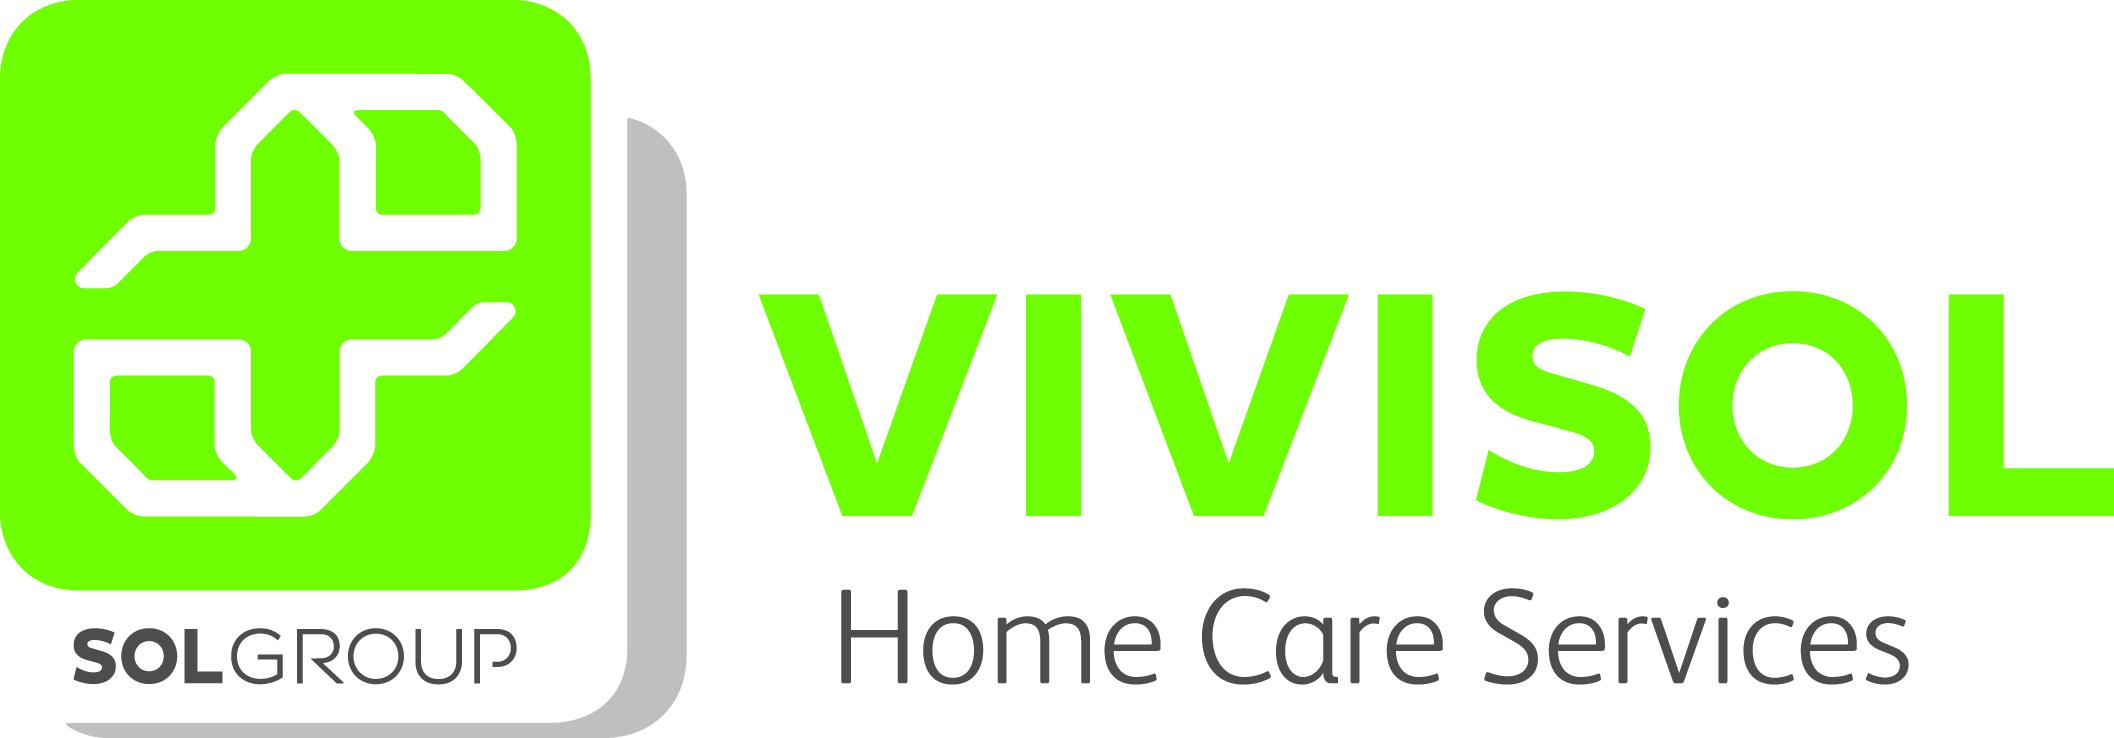 Auszubildende als Kaufleute im Gesundheitswesen (m/w/d) - Job Arnstadt - VIVISOL Home Care Services - Post offer form